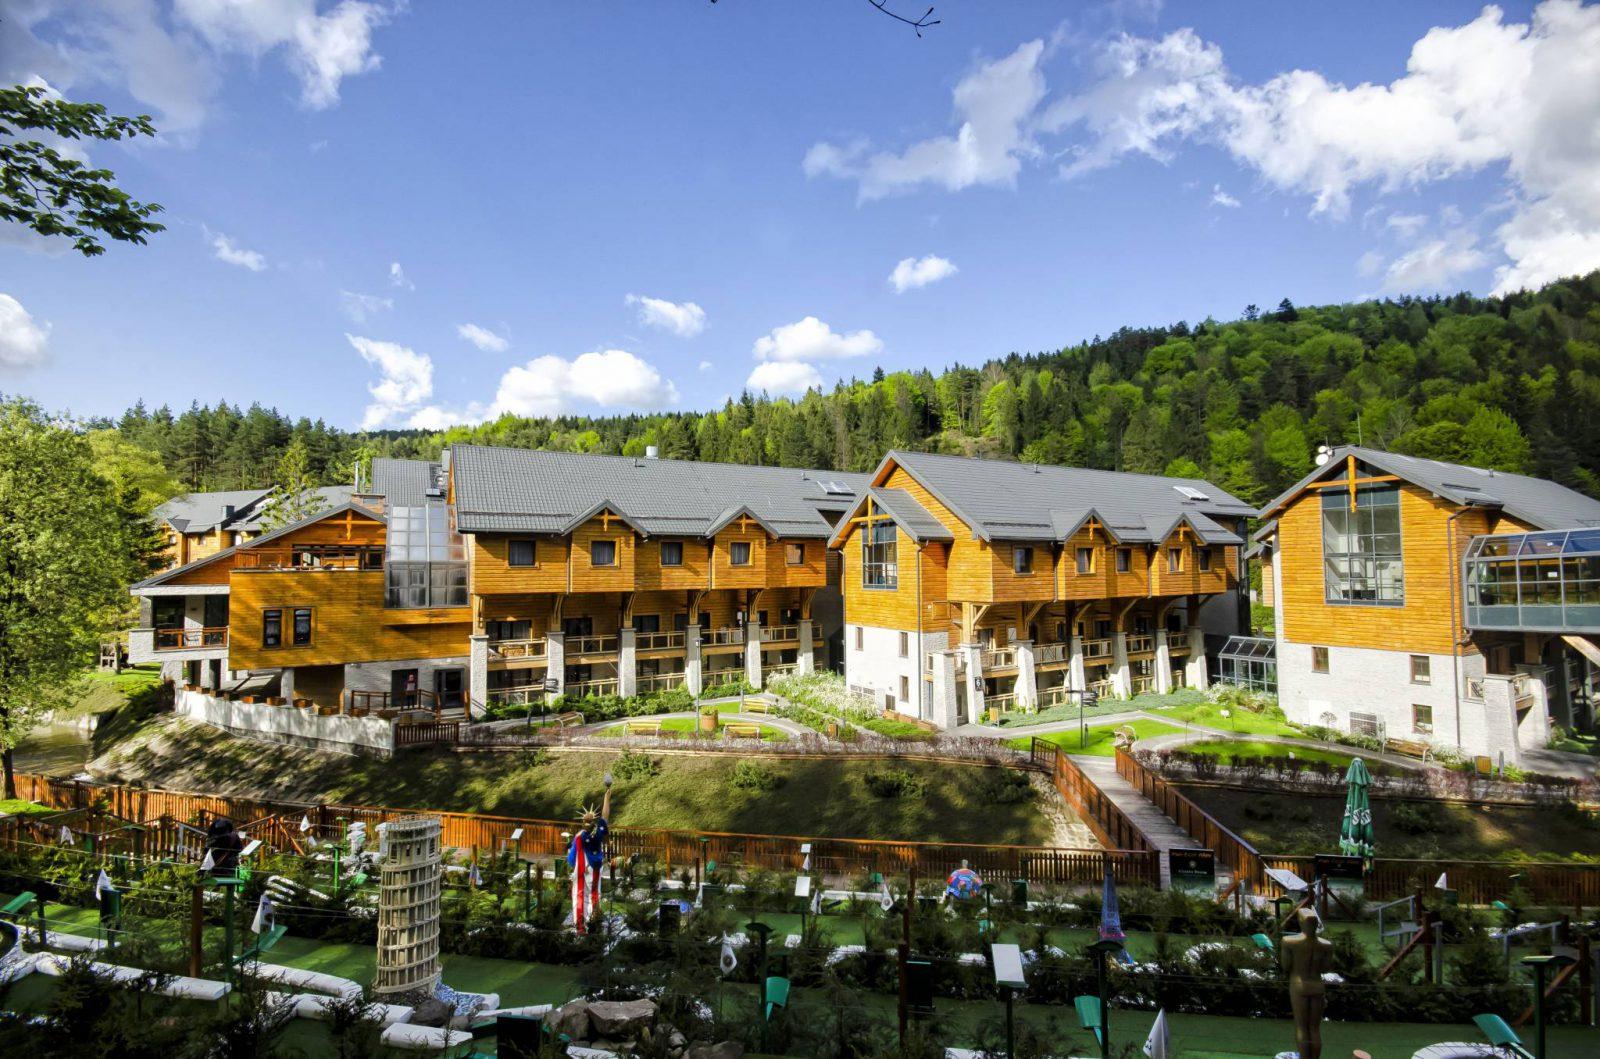 Widok Hotelu Czarny Potok w Krynicy Górskiej (Fot. materiały prasowe)